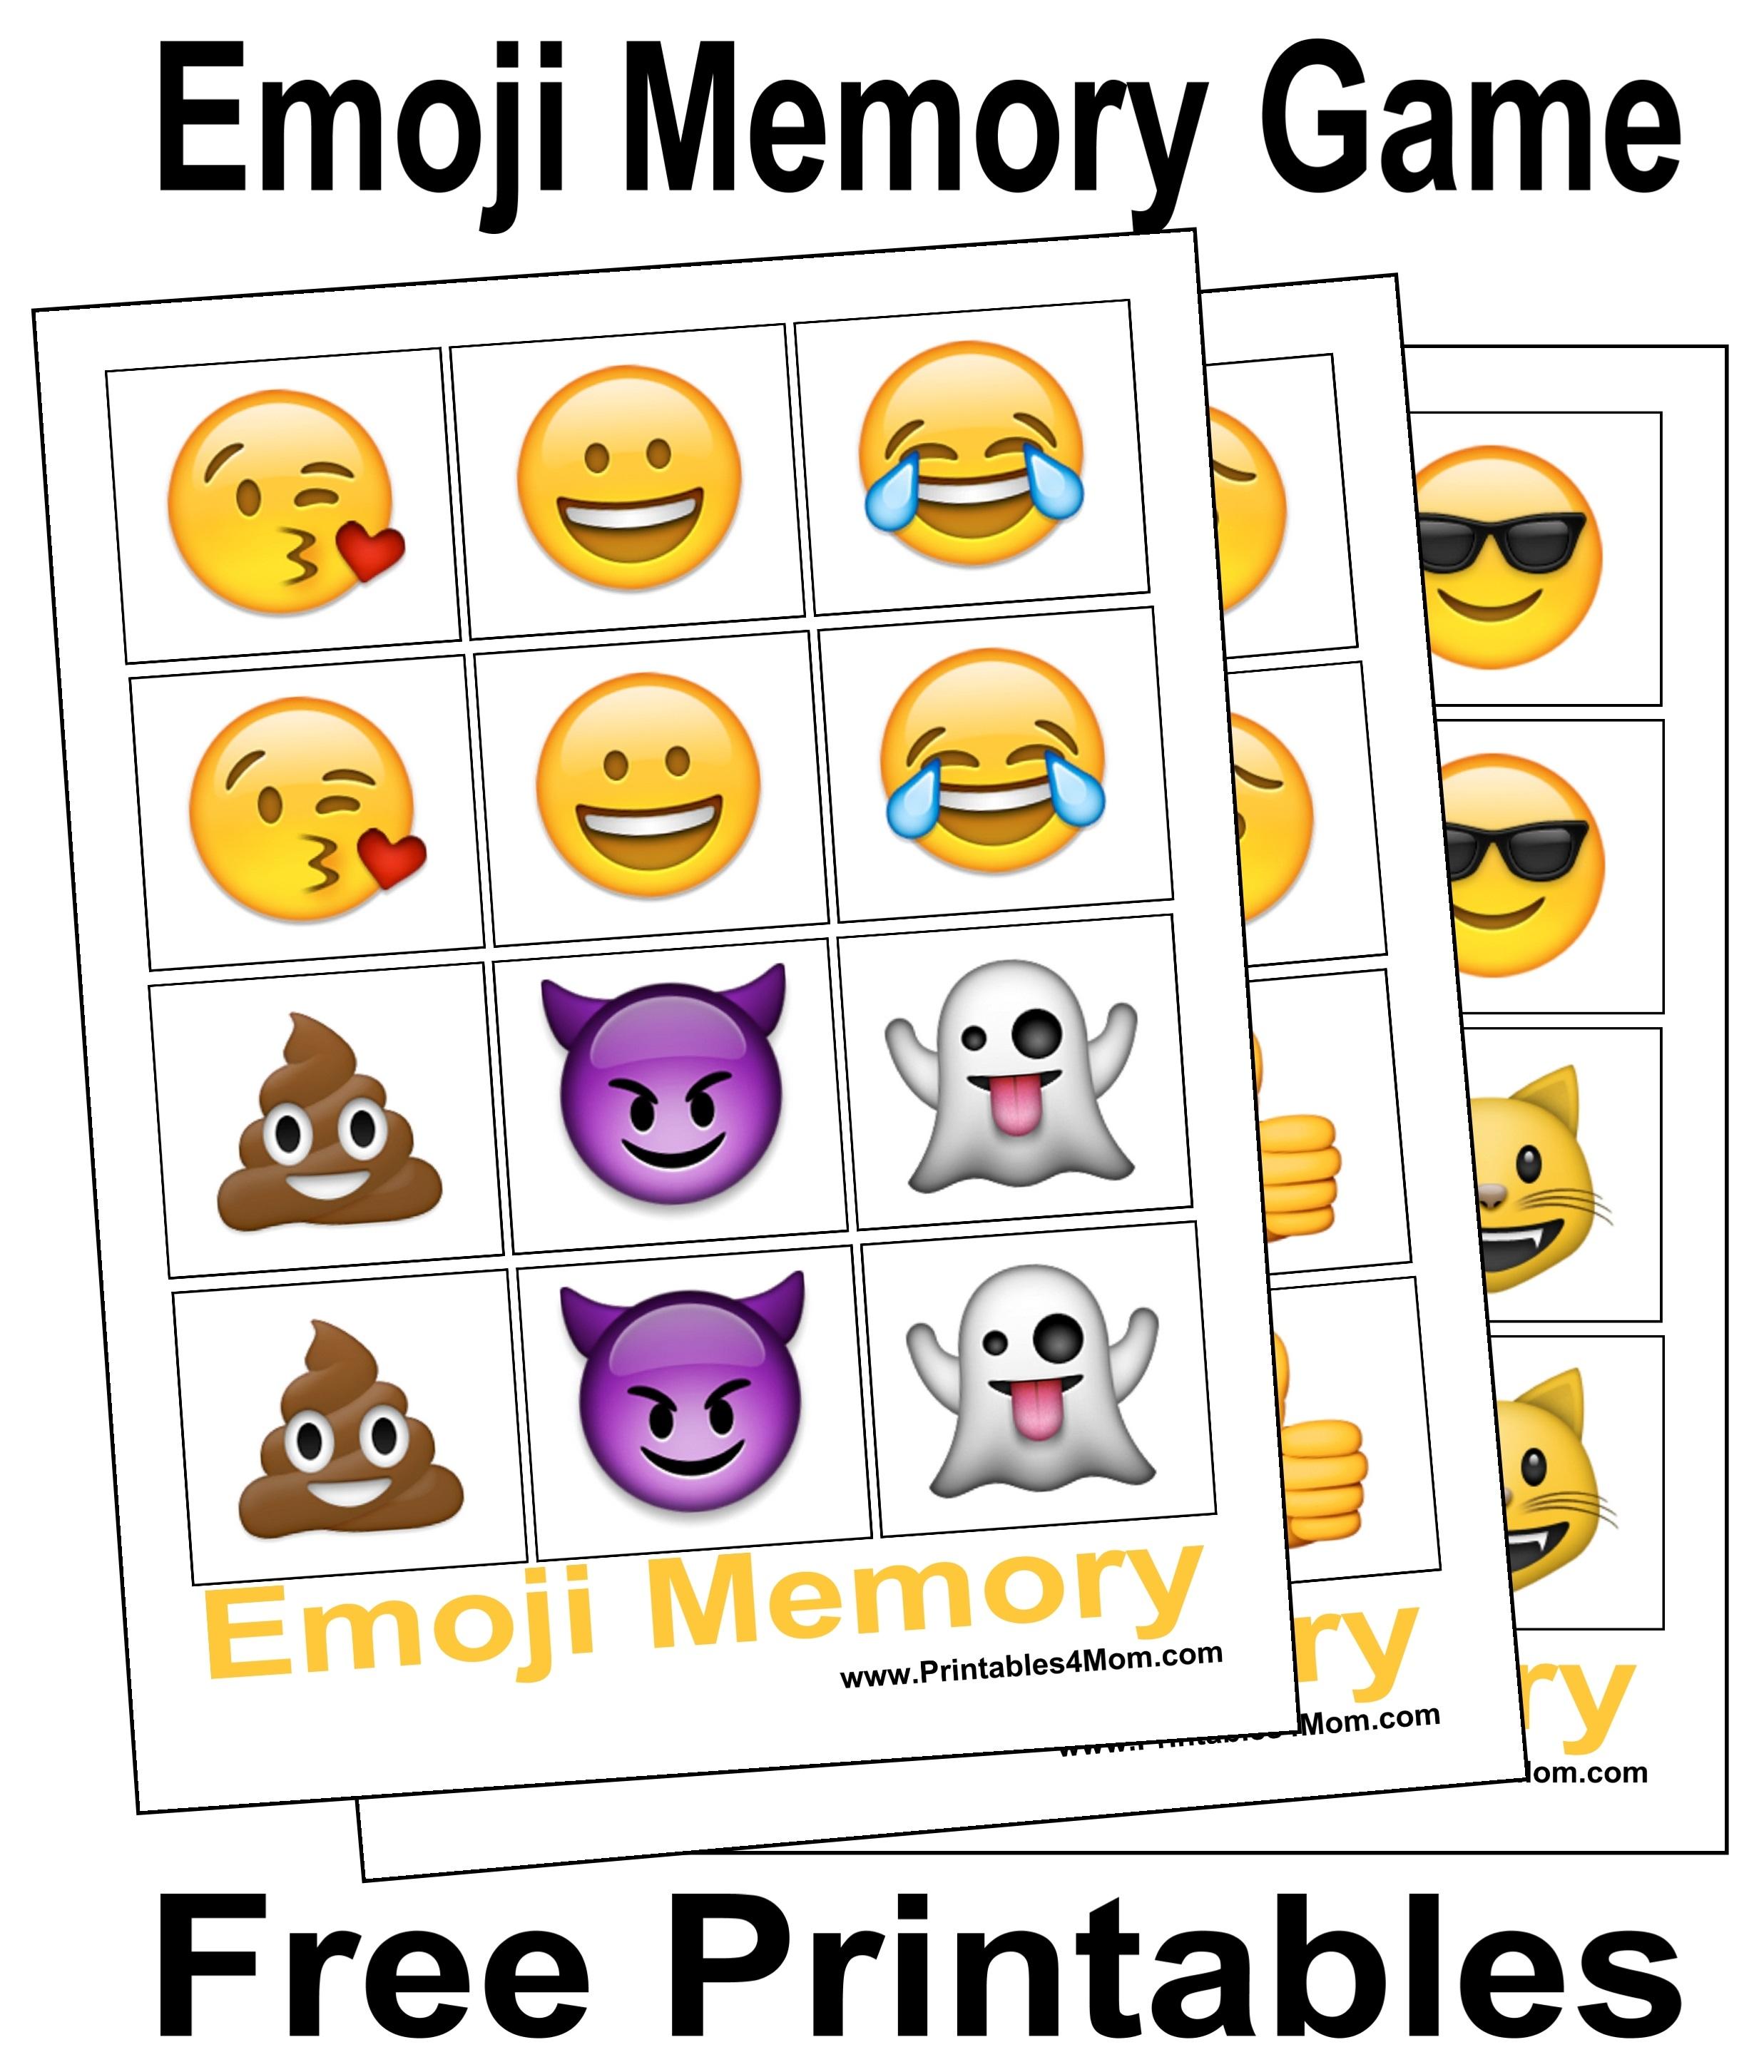 Emoji Memory Game Printable